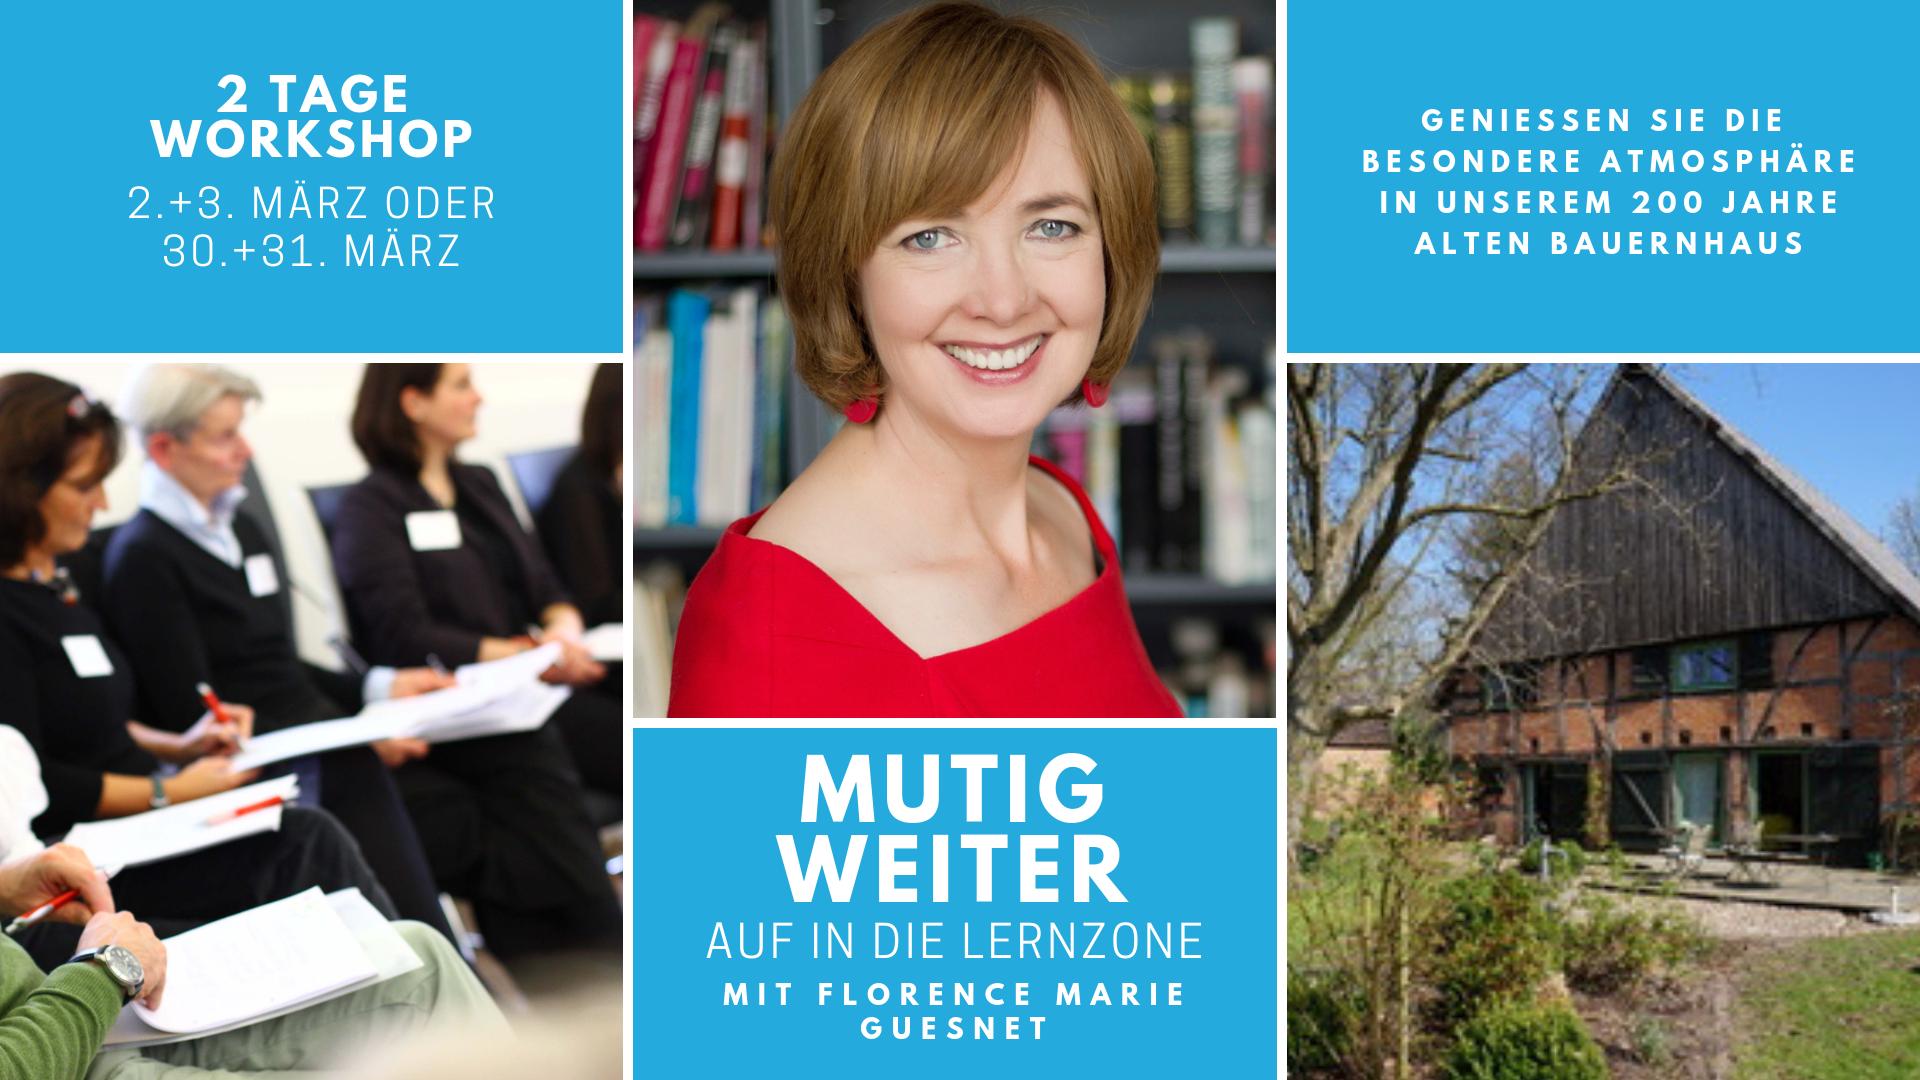 mutigweiter – Der Workshop im Wendland: Am 2./3. & 30./31. März